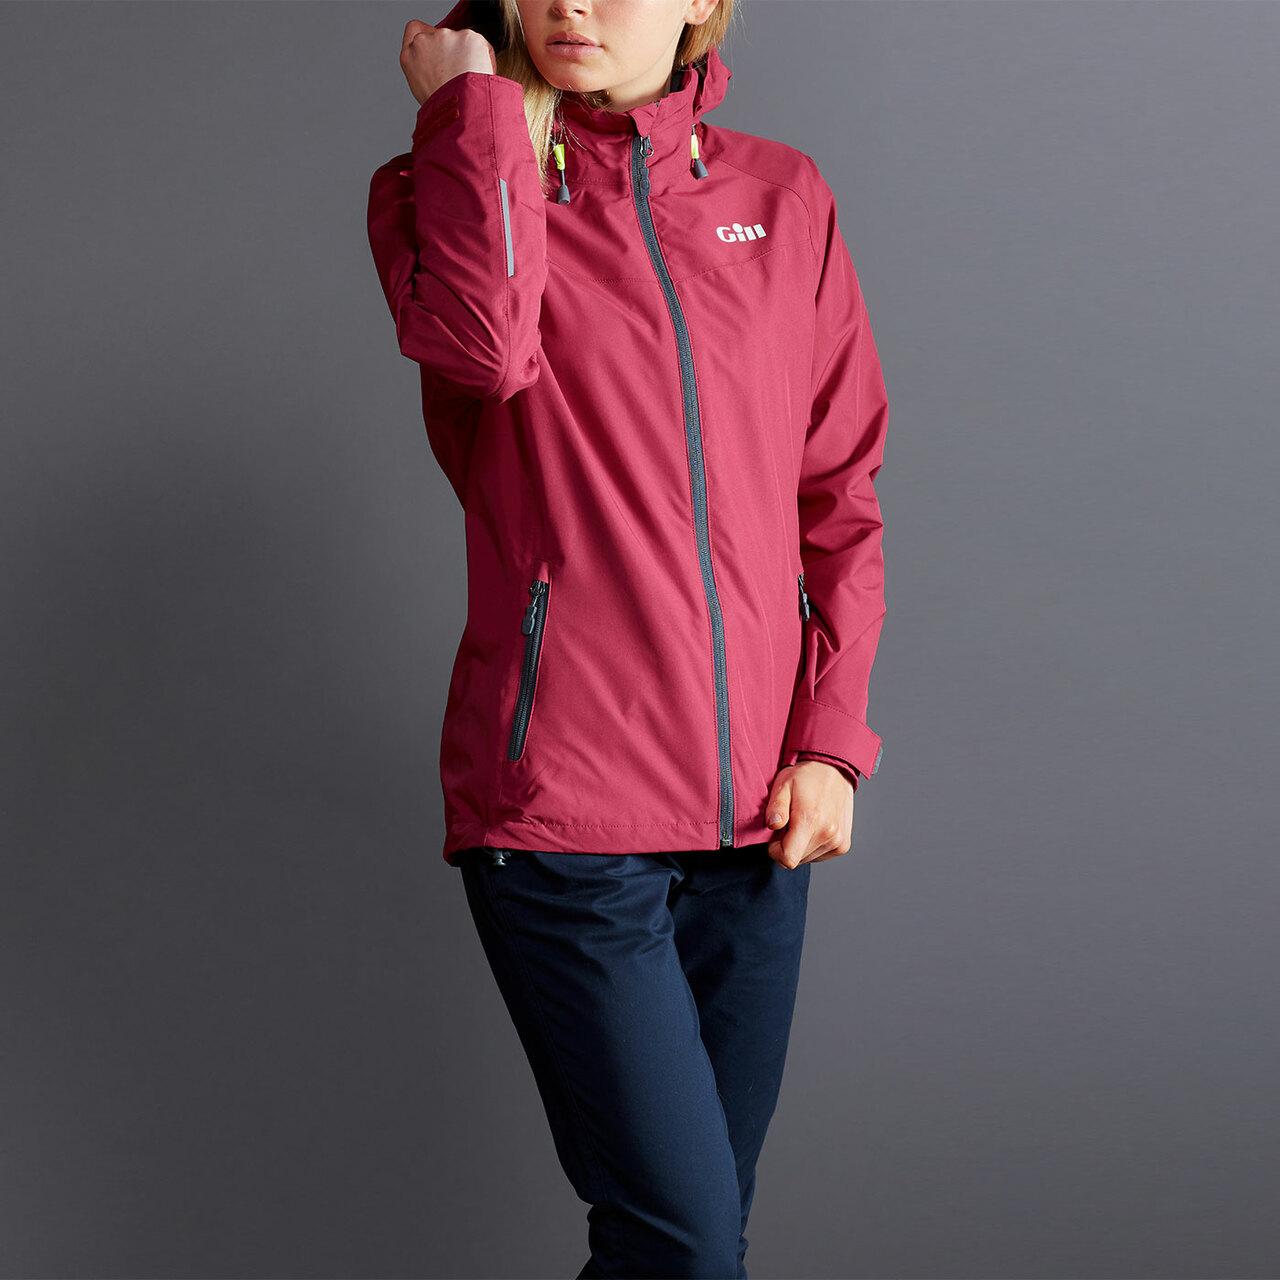 Women's Pilot Jacket - IN81JW-BER04-MODEL-1.jpg